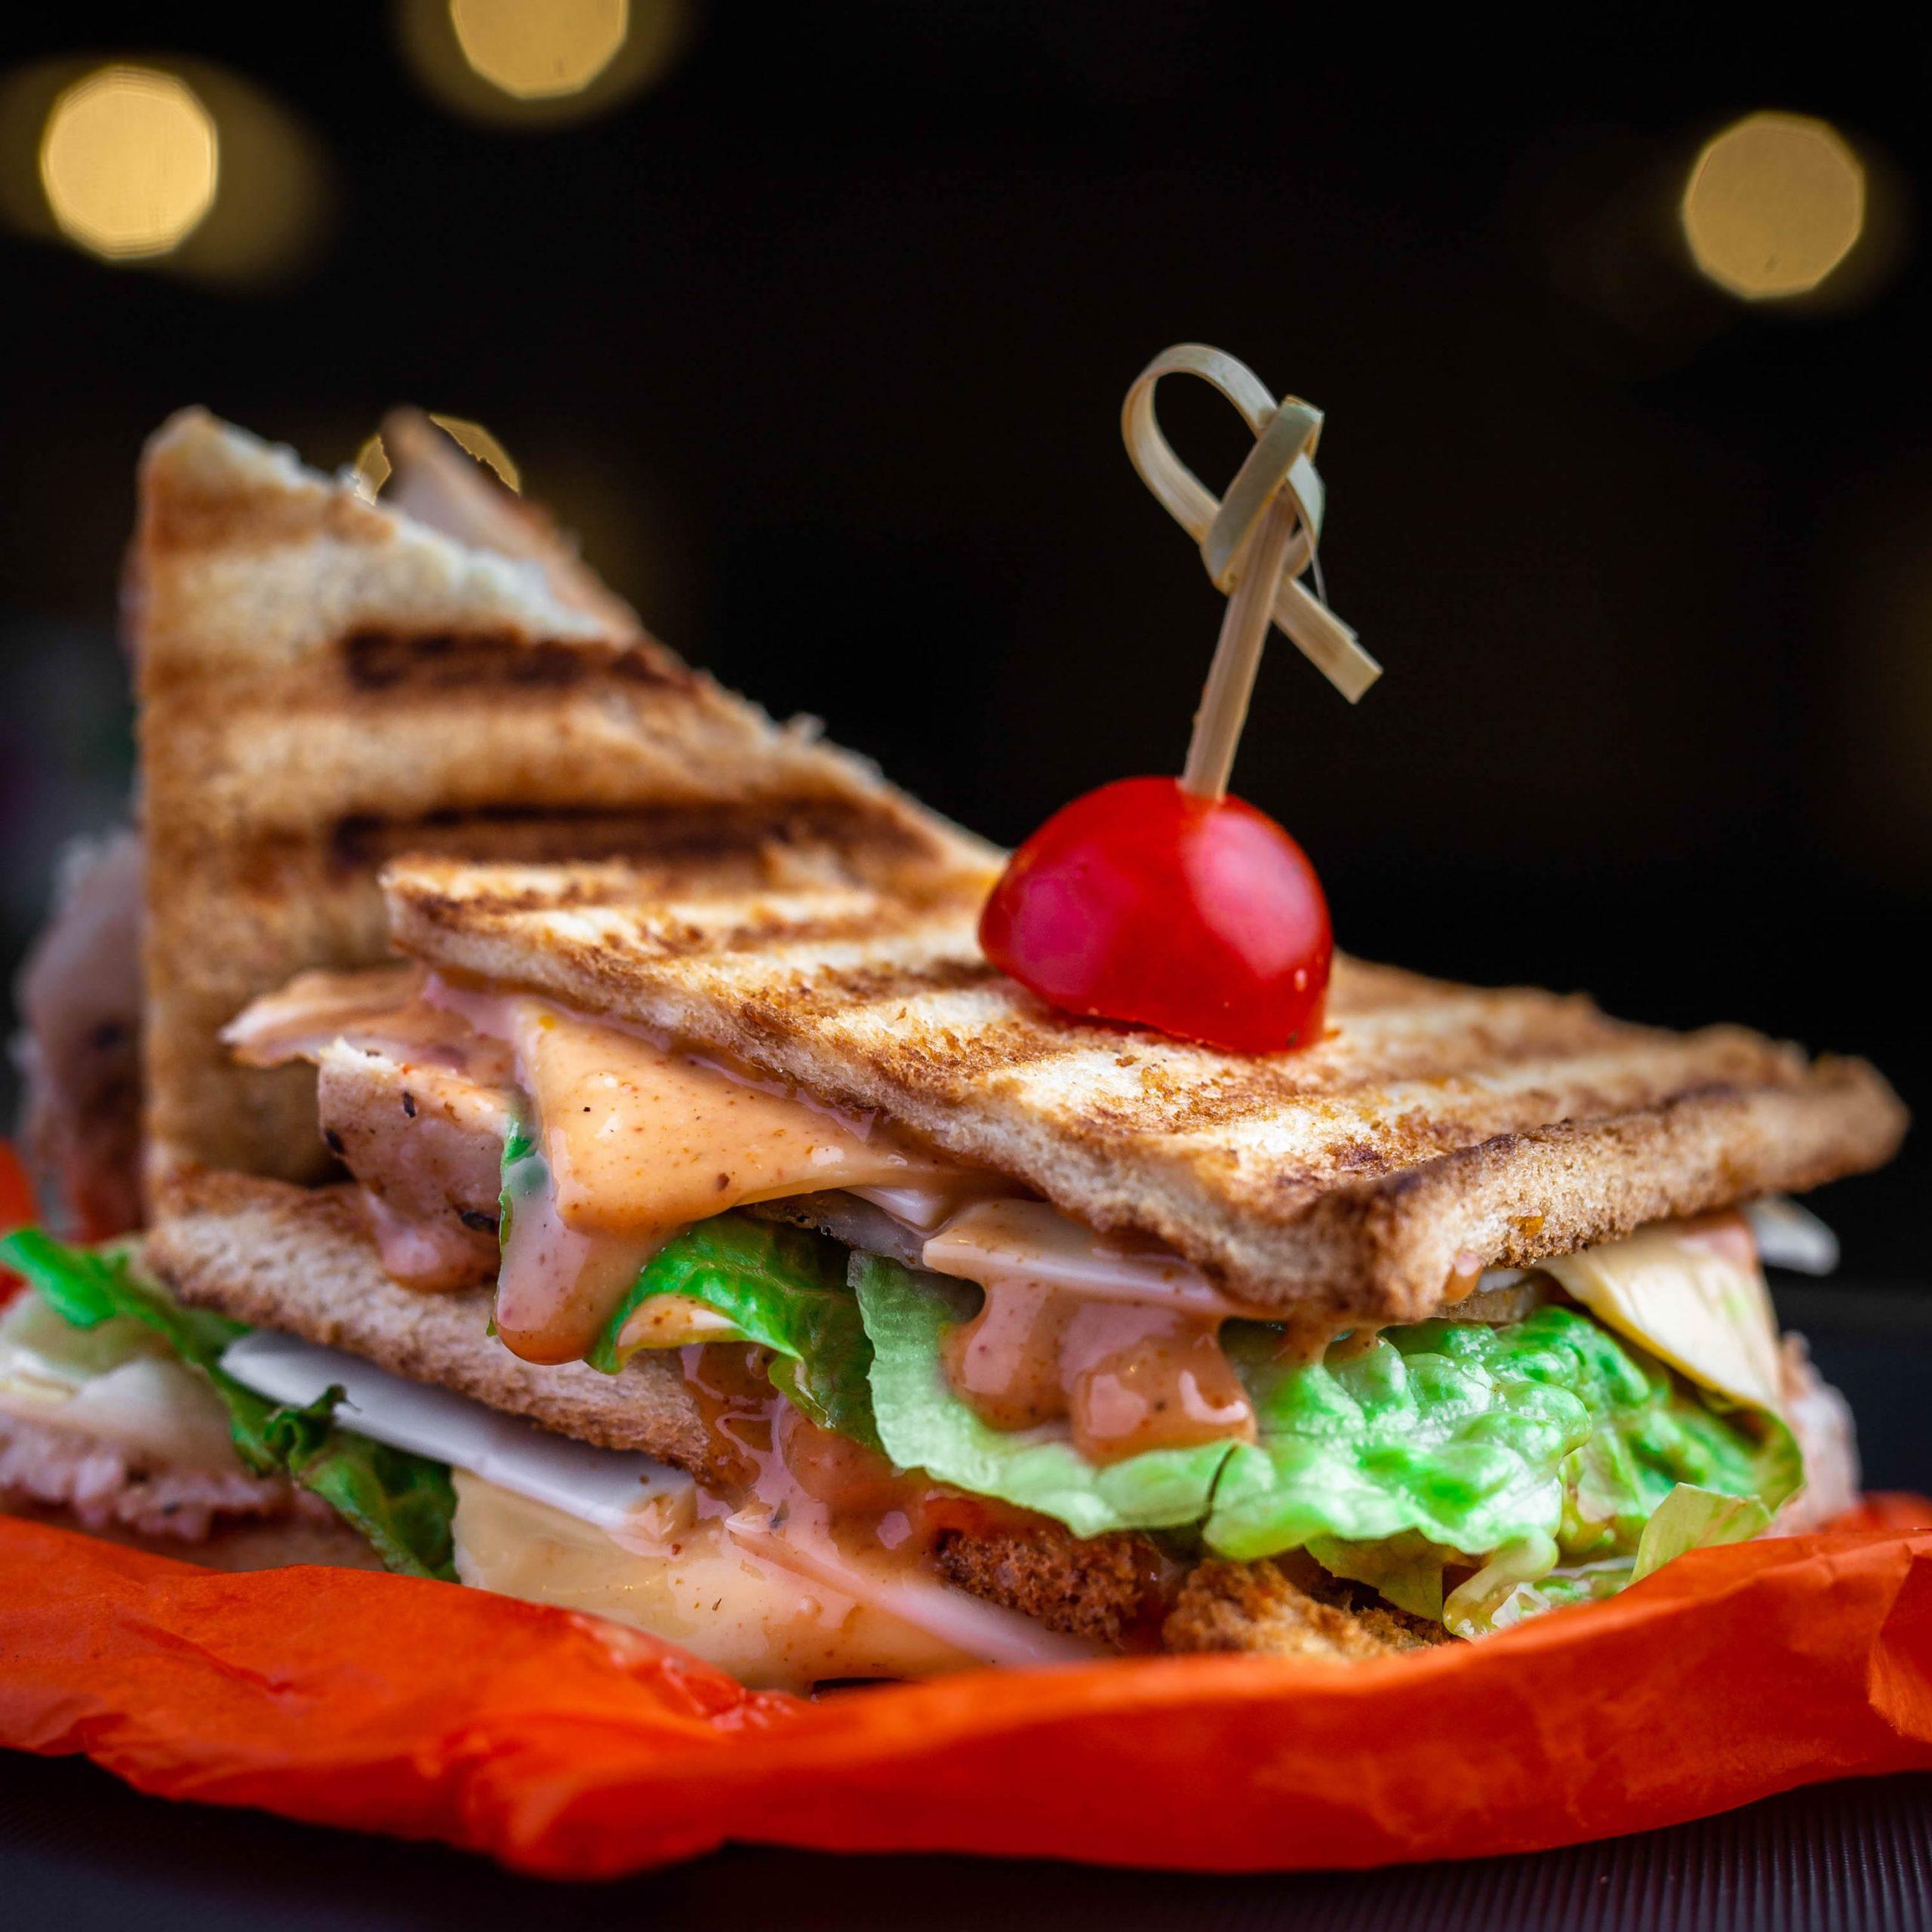 Oeuvre sandwich